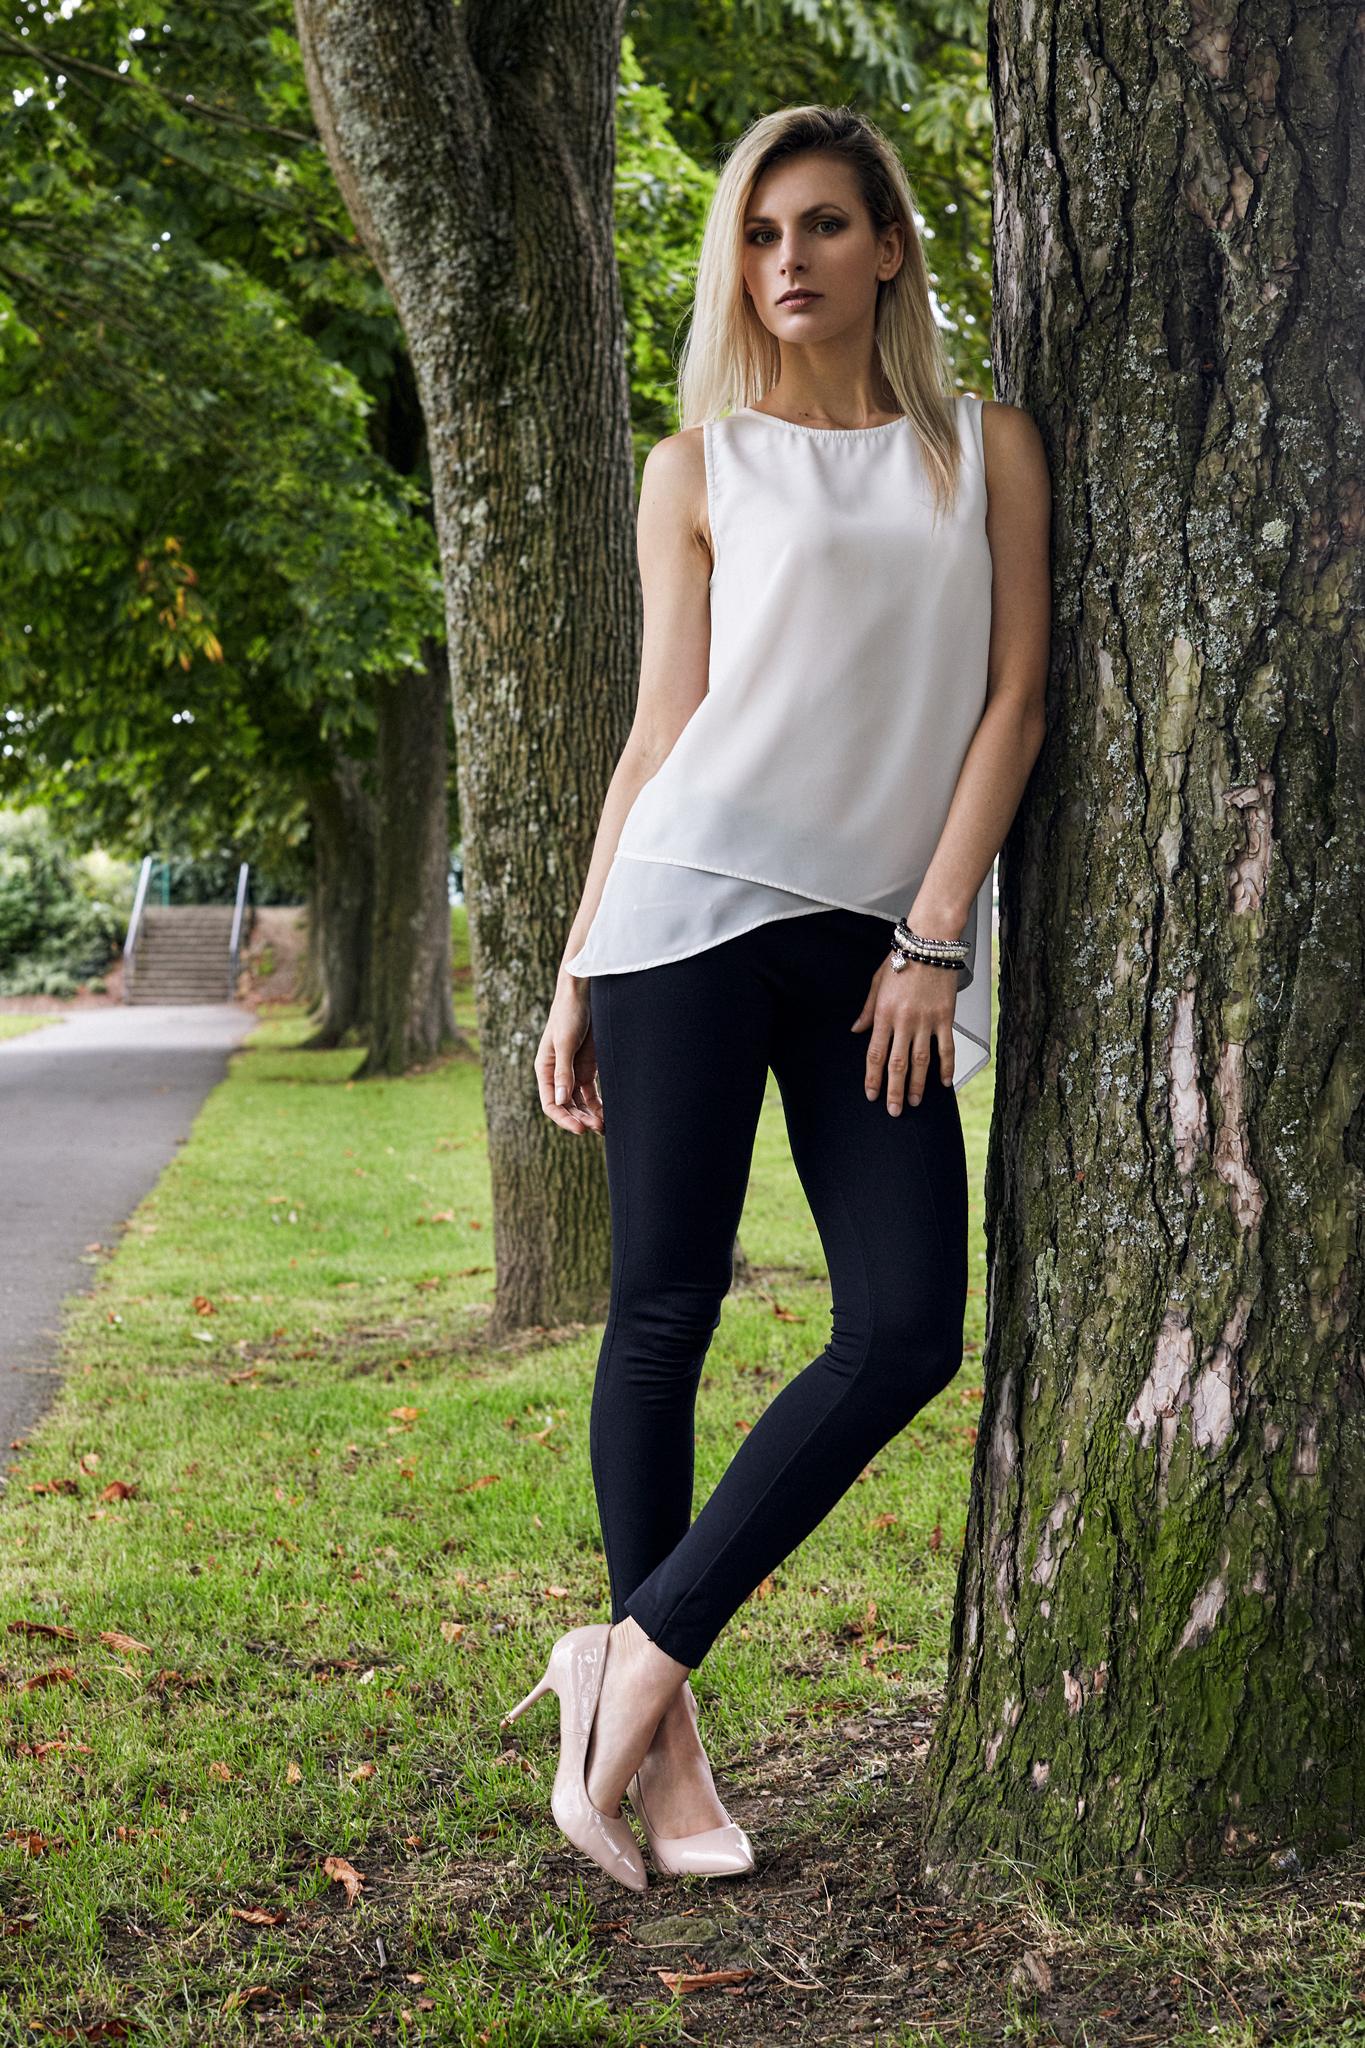 Roxy_Fashion_2_Web.jpg